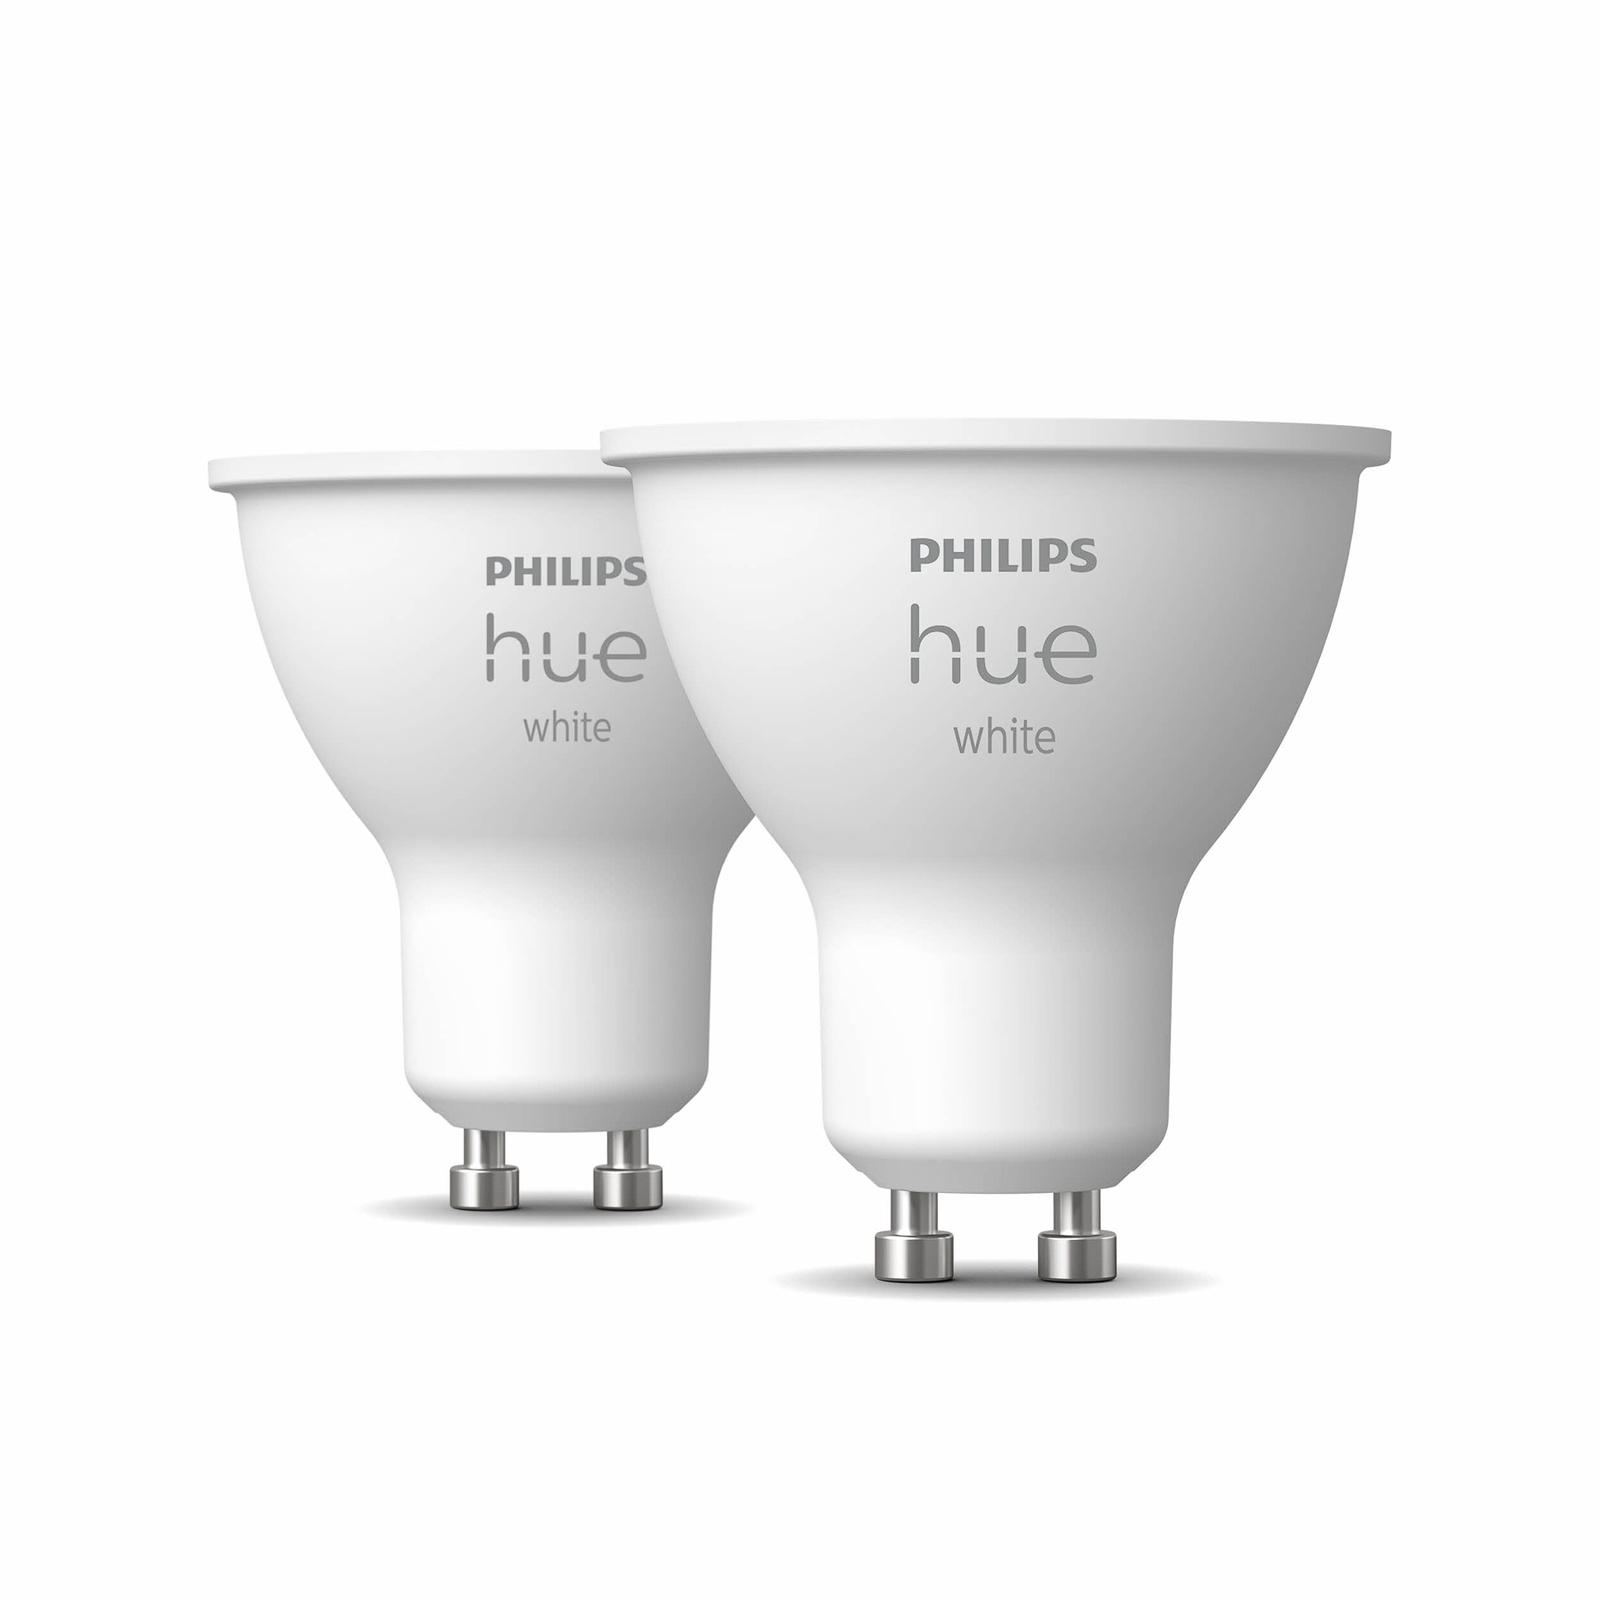 Philips Hue White 5,2W GU10 ampoule LED, lot de 2